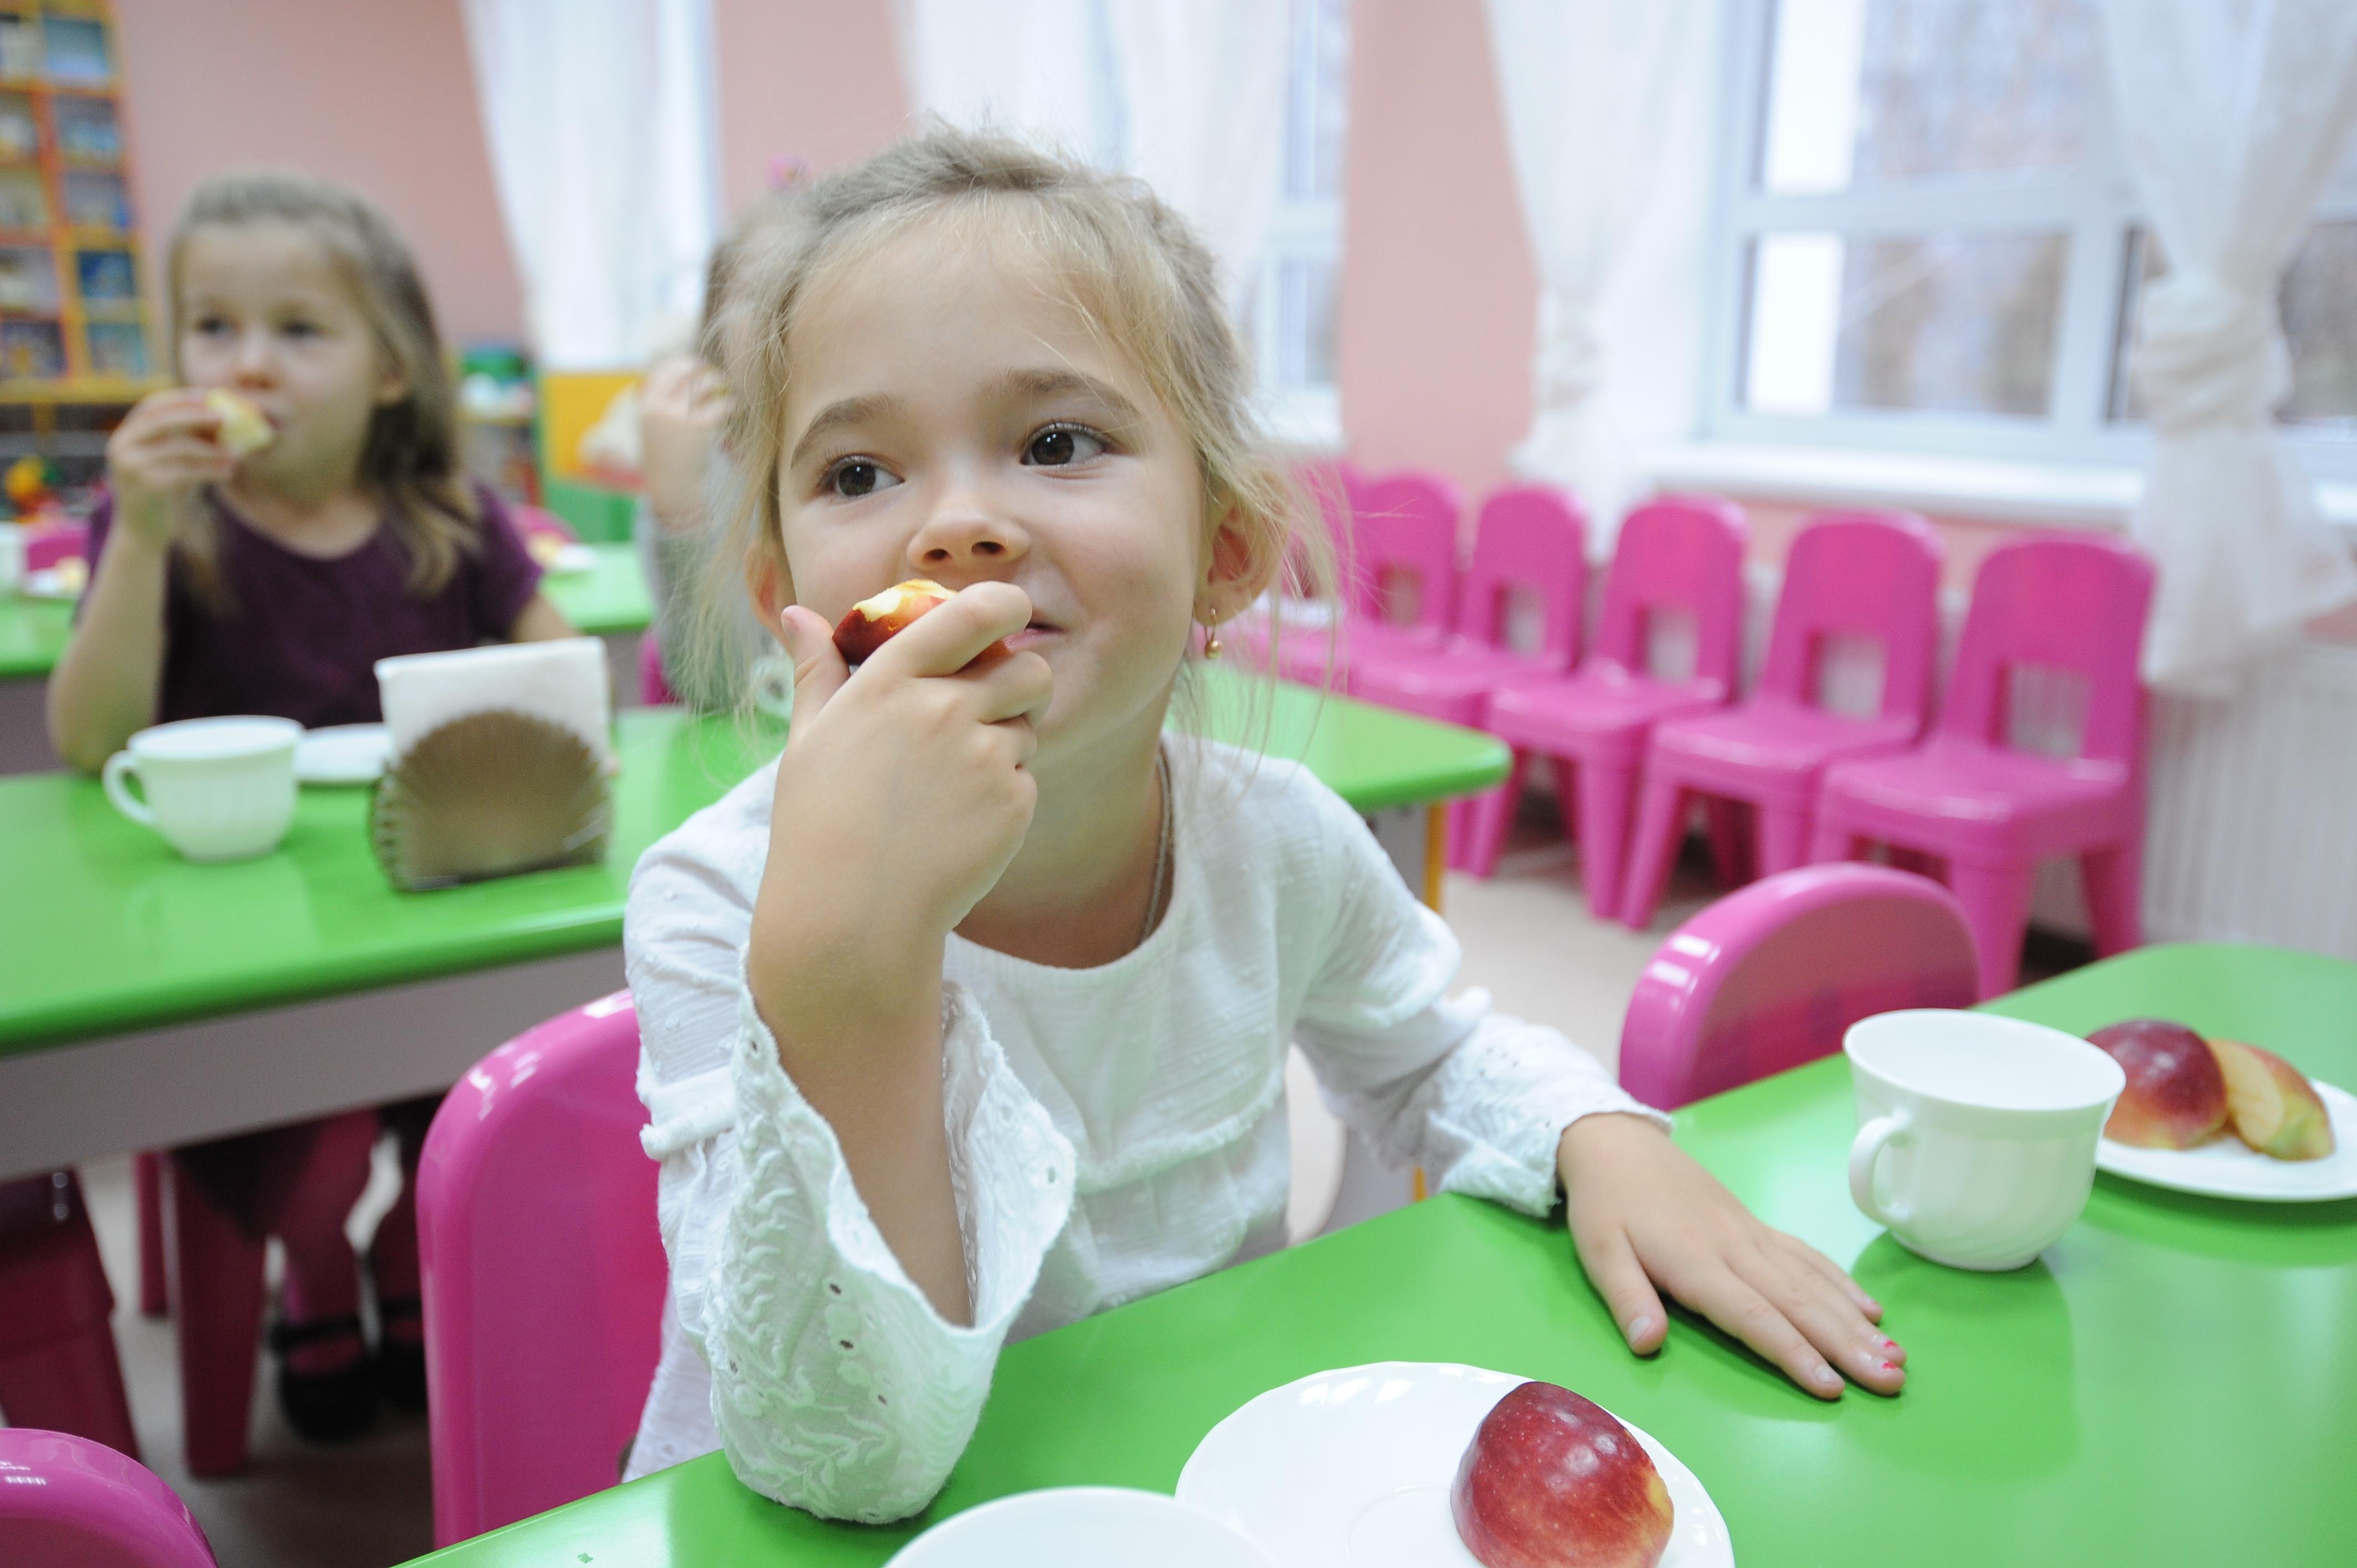 Детский сад на 350 мест построят на юго-востоке Москвы